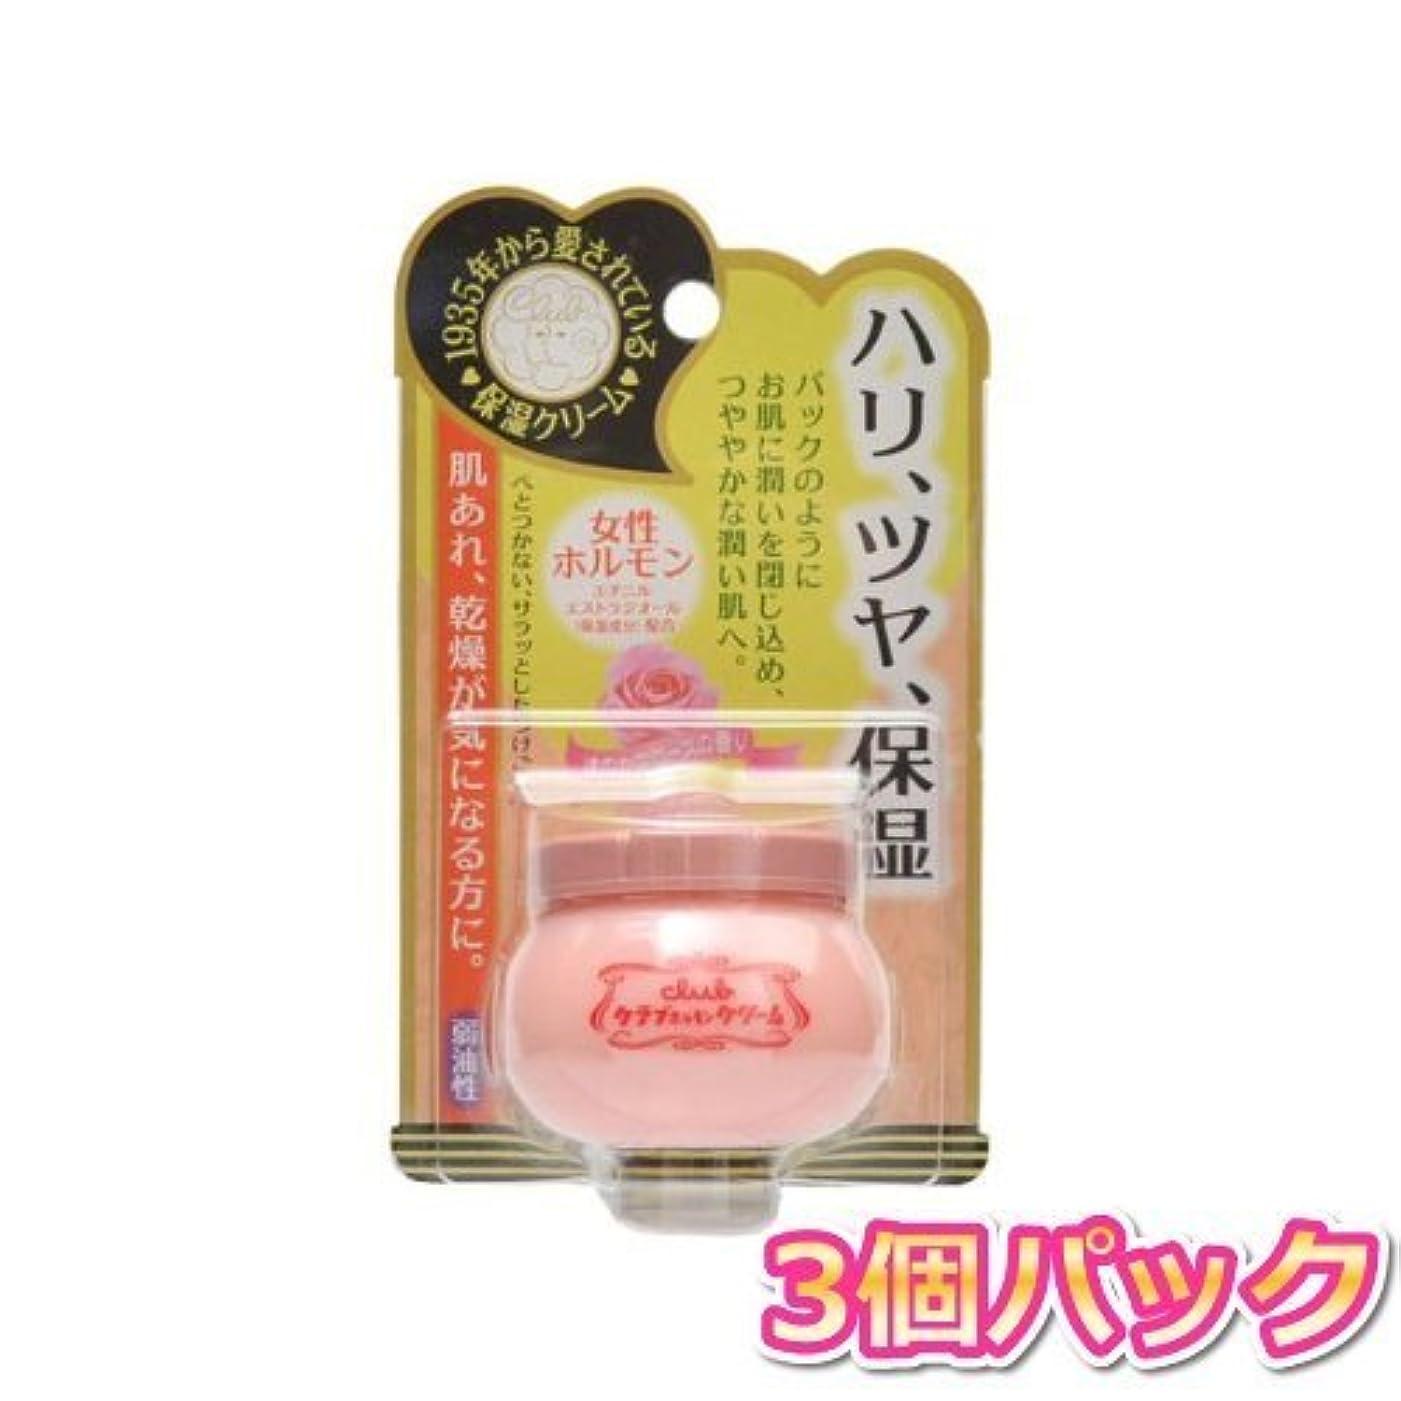 スクランブル許容できる音楽家クラブ ホルモンクリーム (微香性) 60g ローズの香り 3個パック